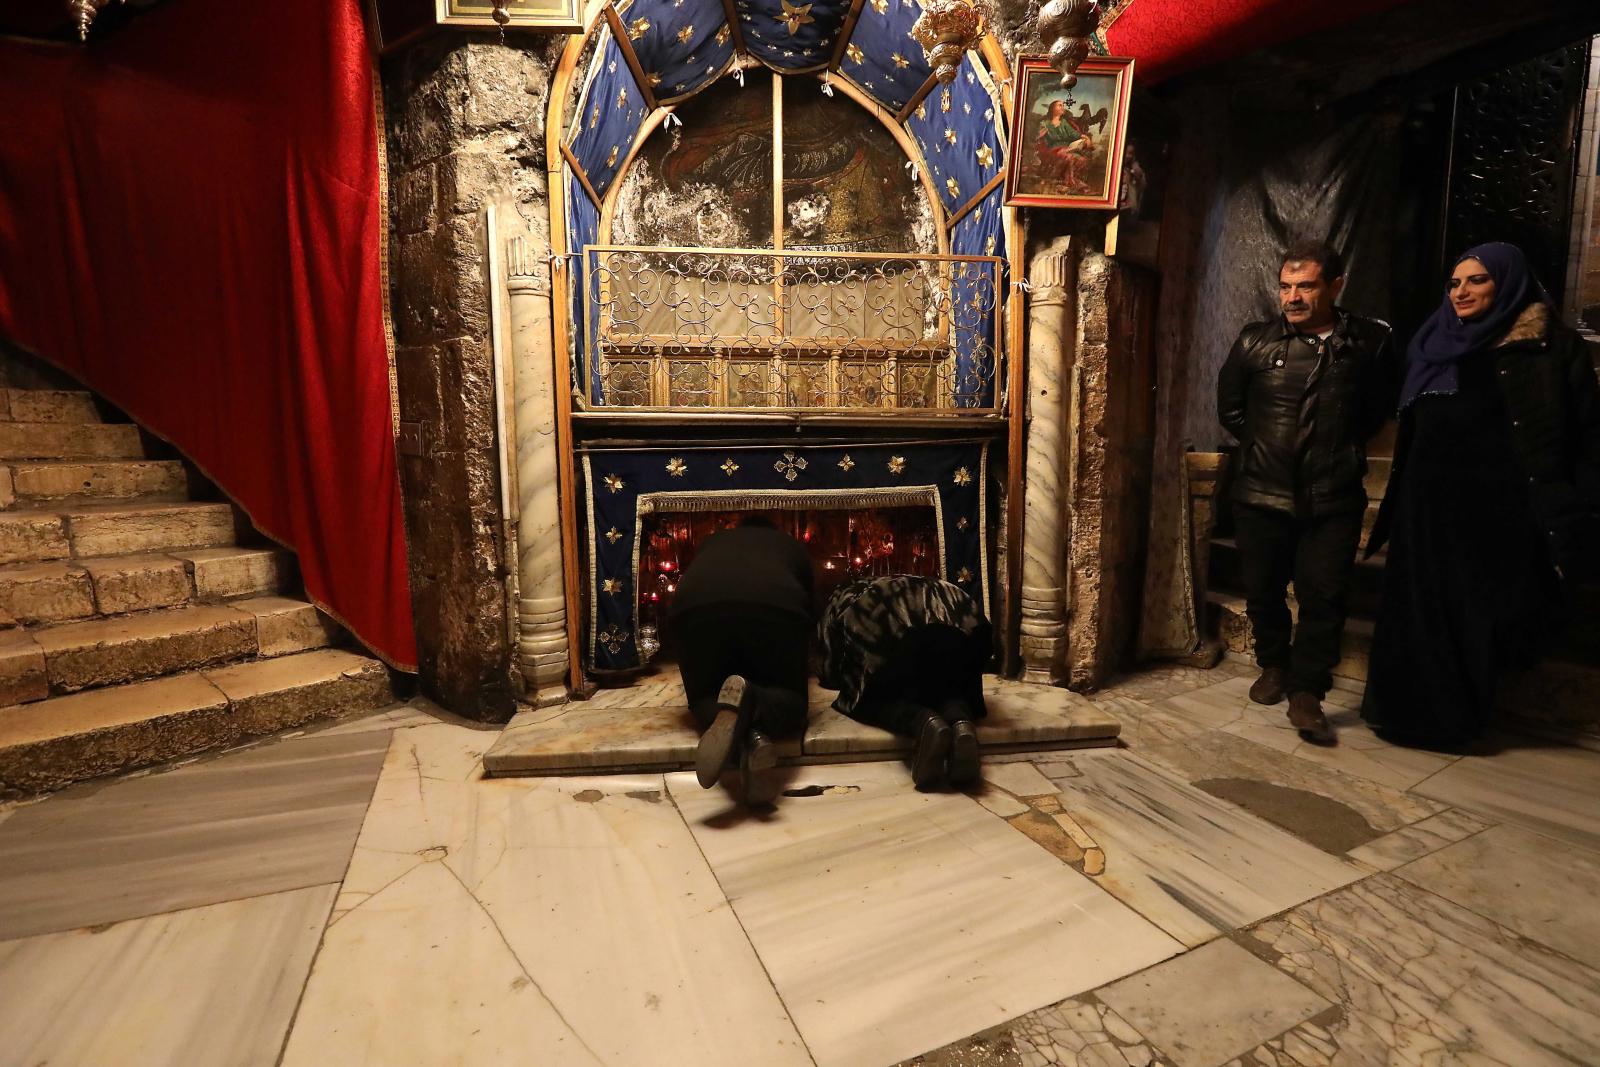 Pielgrzymi w Grocie Narodzenia w Betlejem  EPA/ABED AL HASHLAMOUN